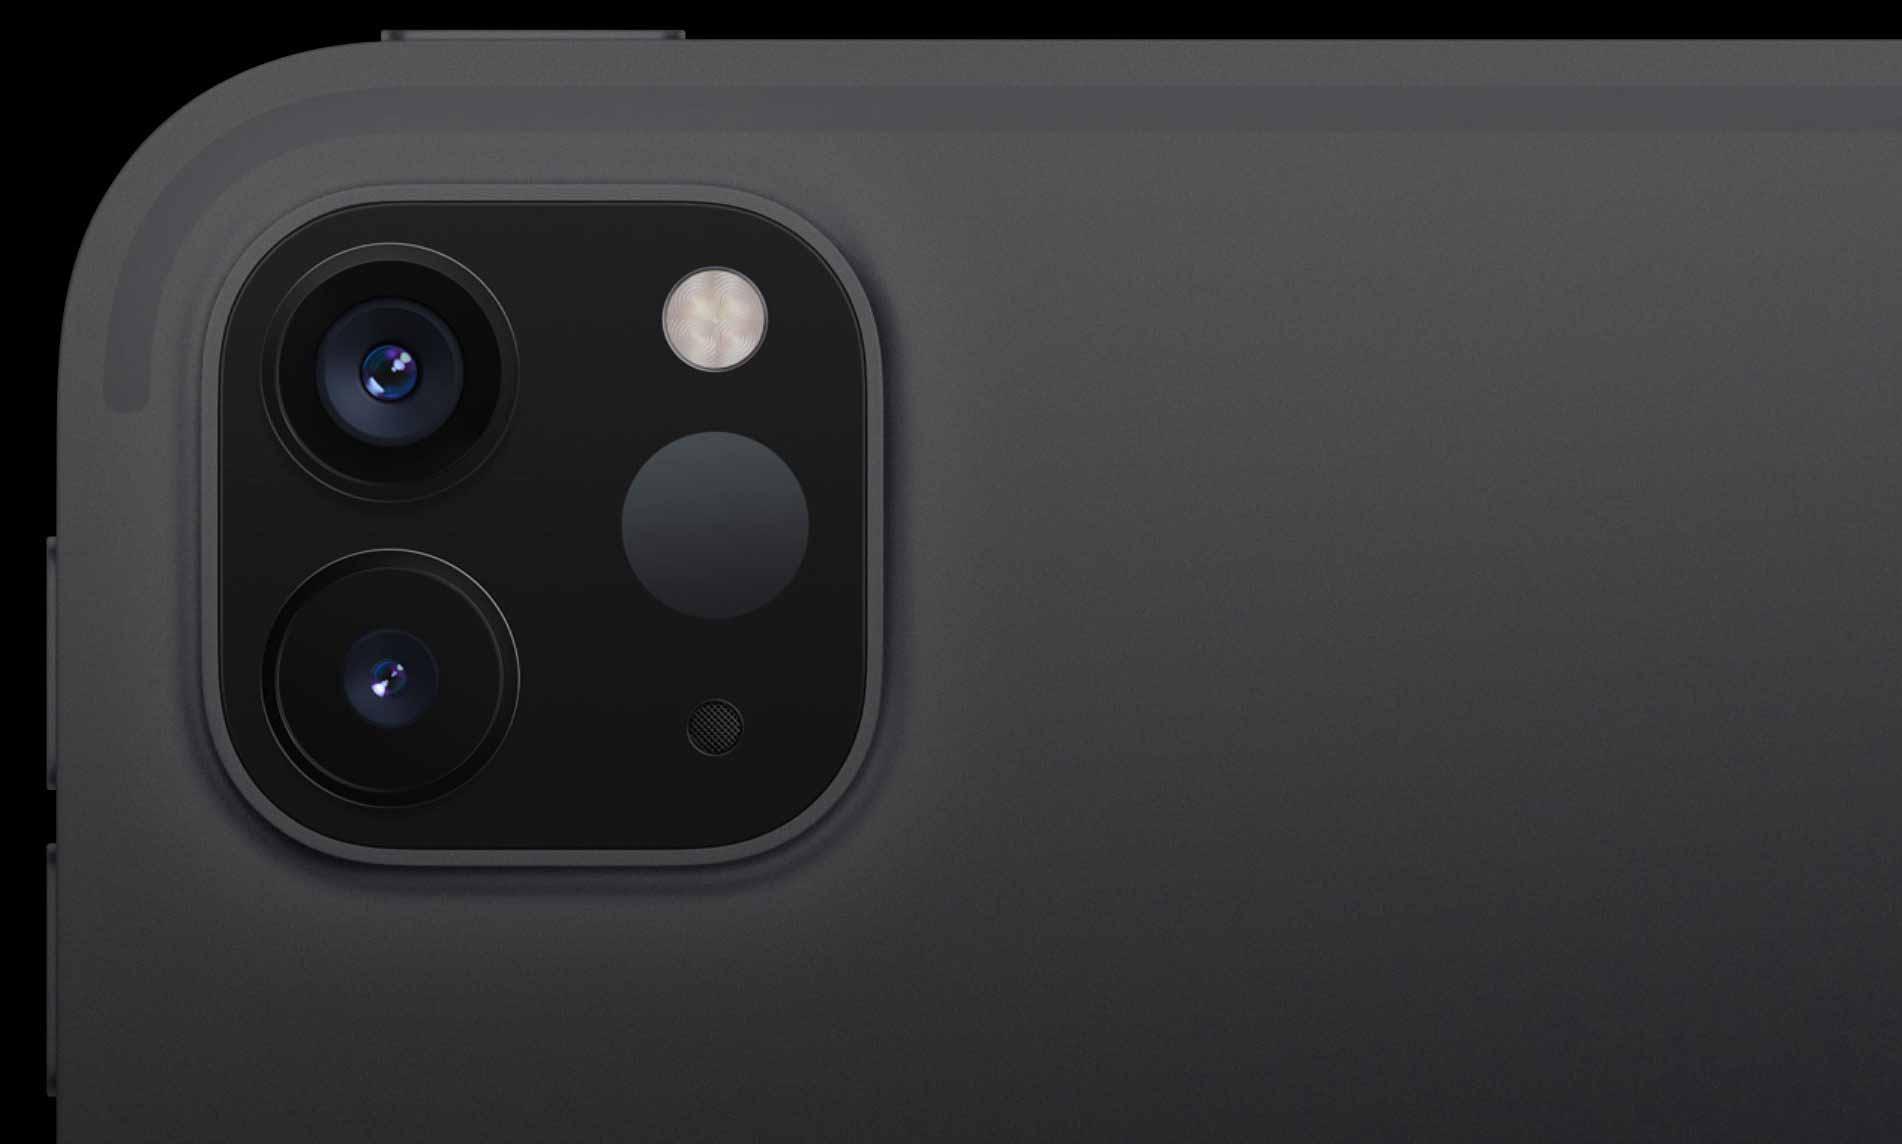 Стоит ли покупать камеры iPad Air или iPad Pro?